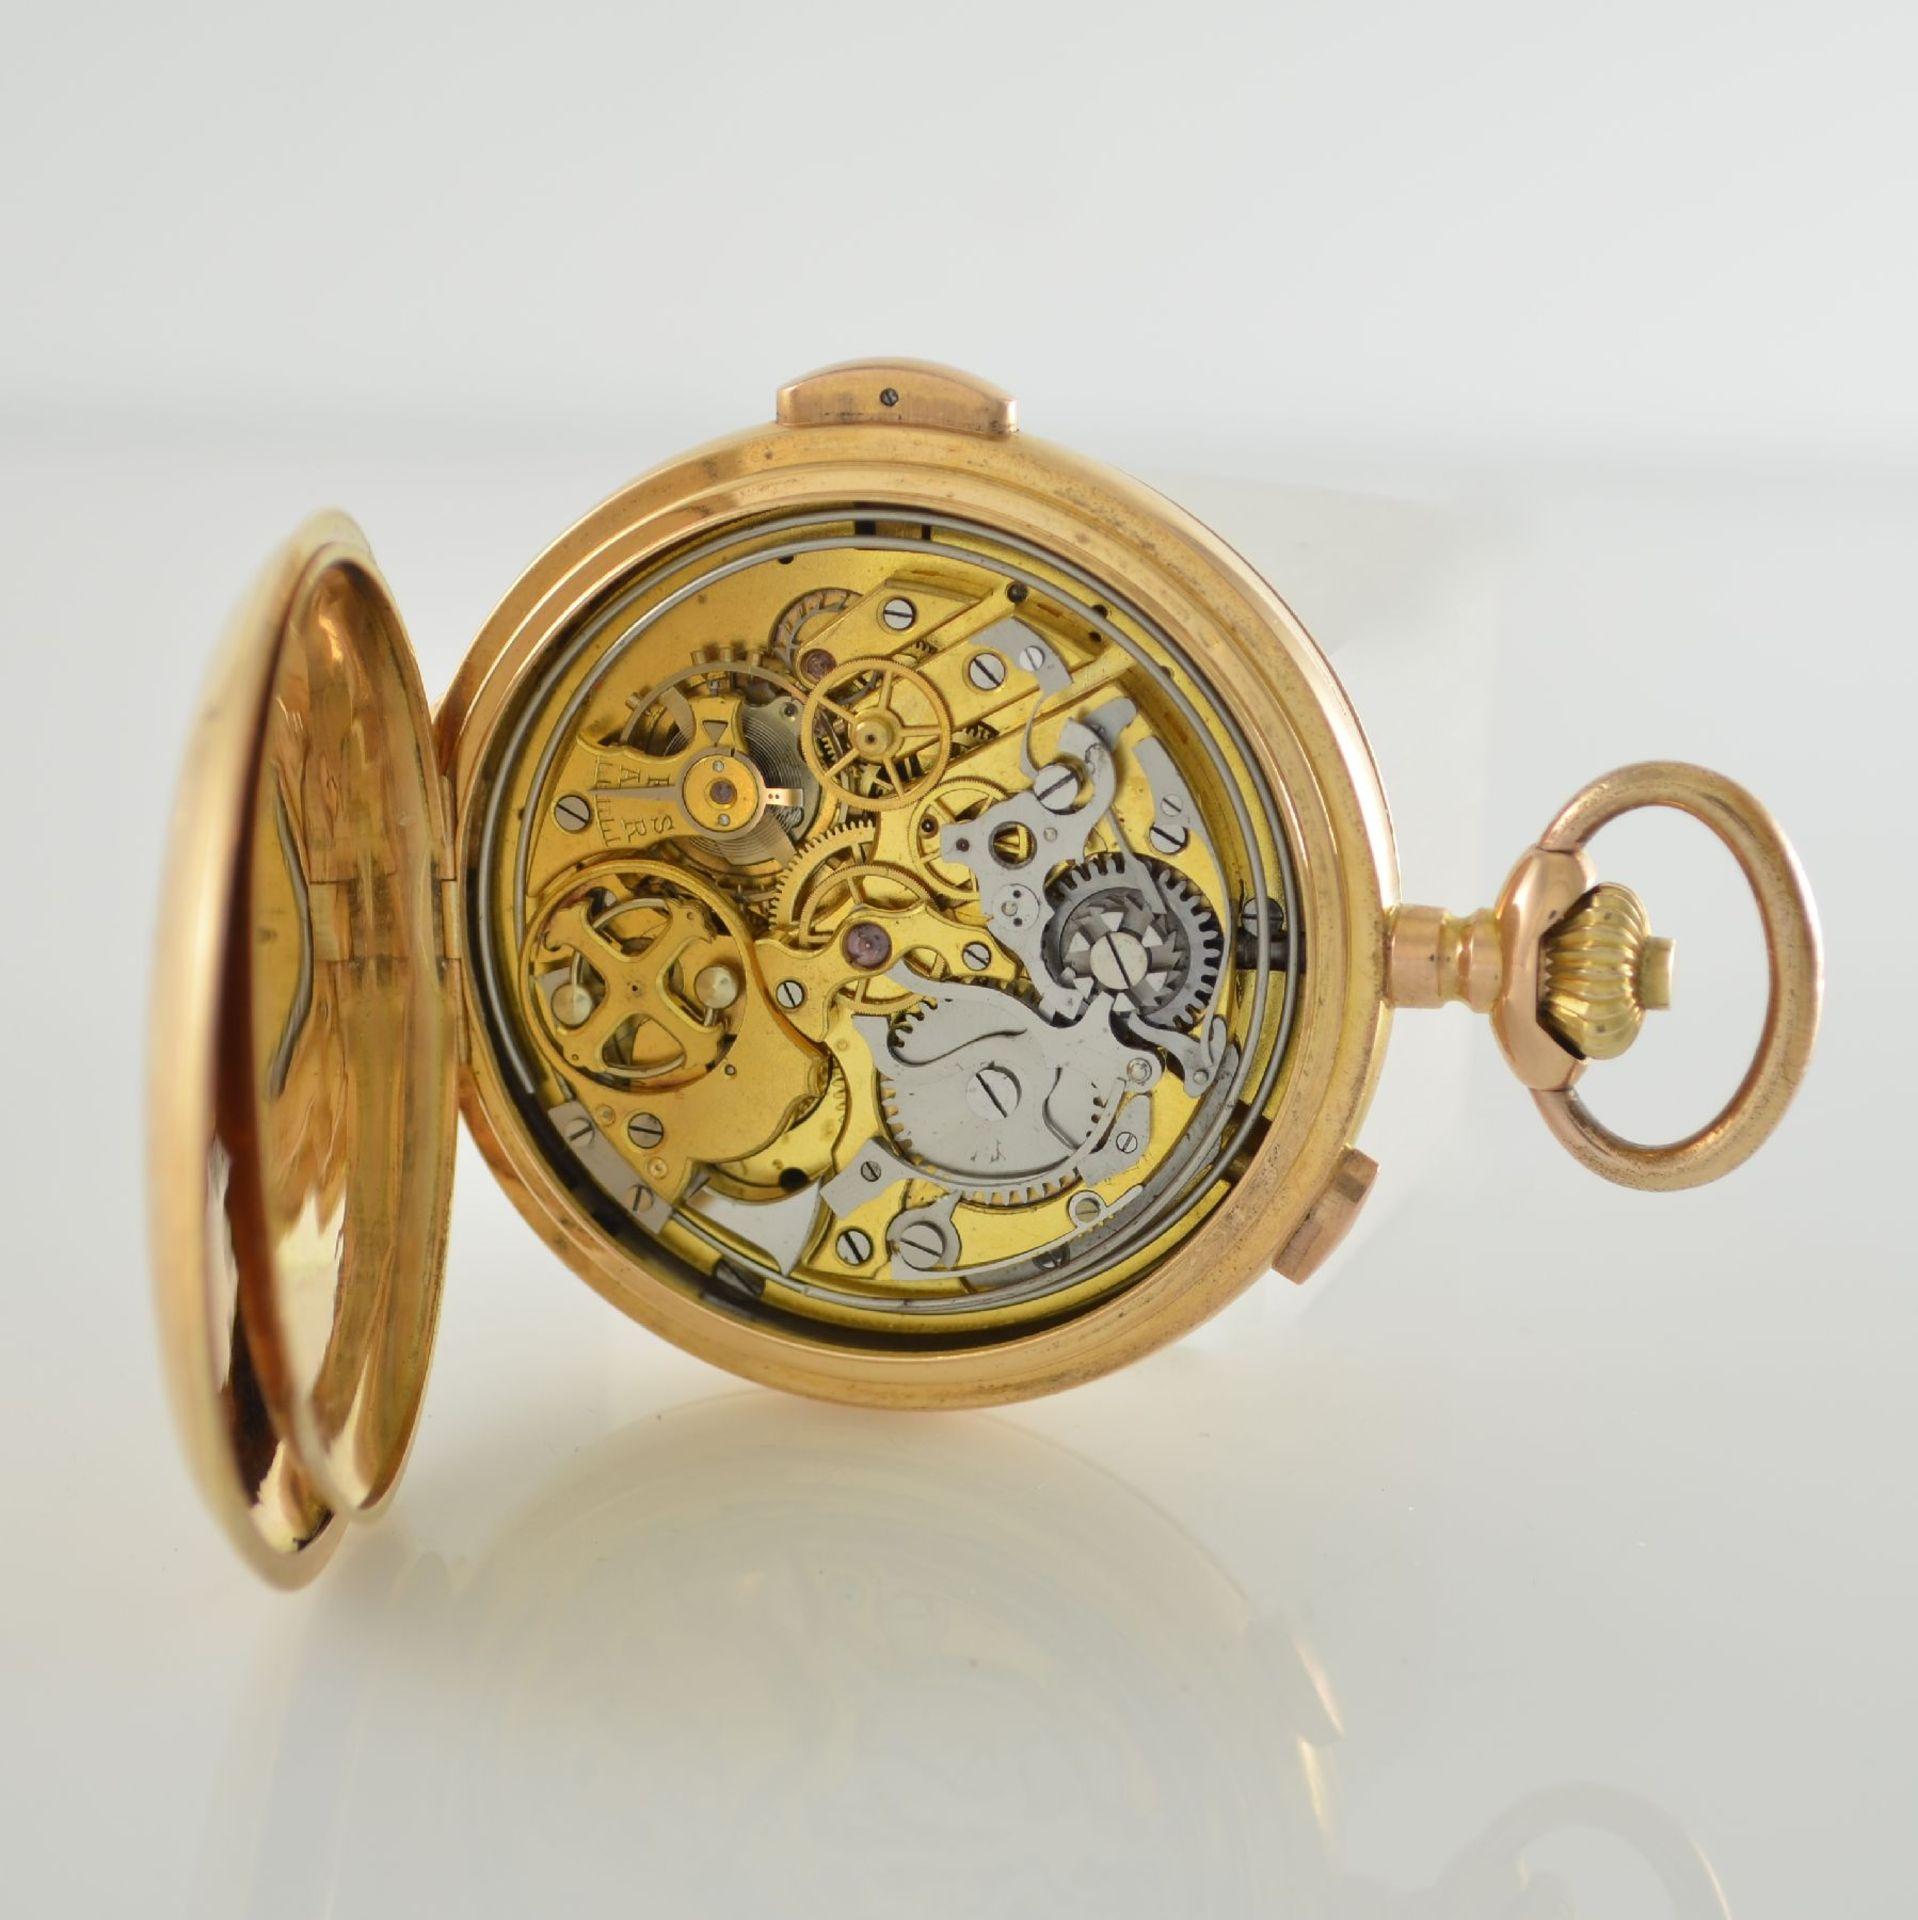 Herrensavonette mit 1/4 Std.-Repetition & Chronograph in RG 750/000, Schweiz um 1910, glattes 3- - Bild 5 aus 6